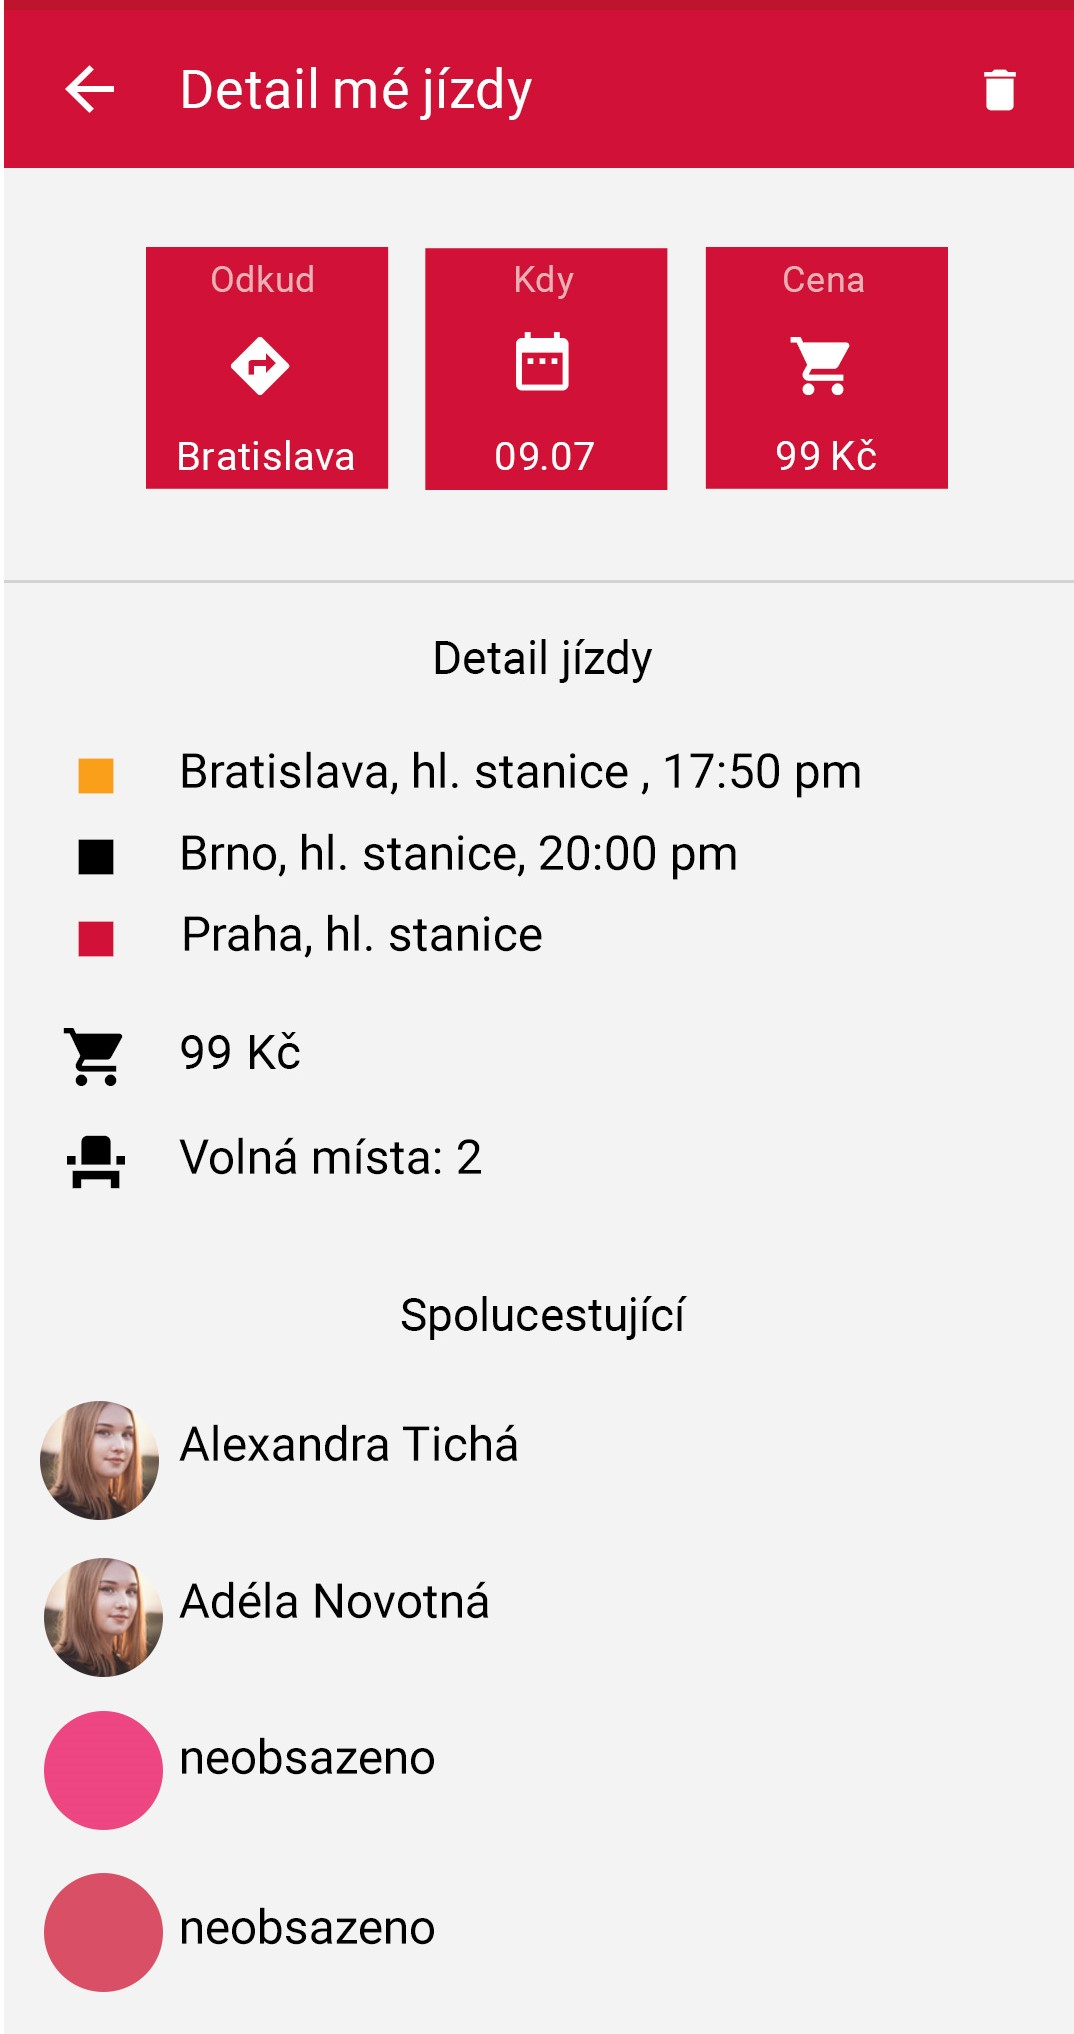 Podobně jako u jiných sdílených služeb nabízí aplikace kompletní přehled zvolené jízdy